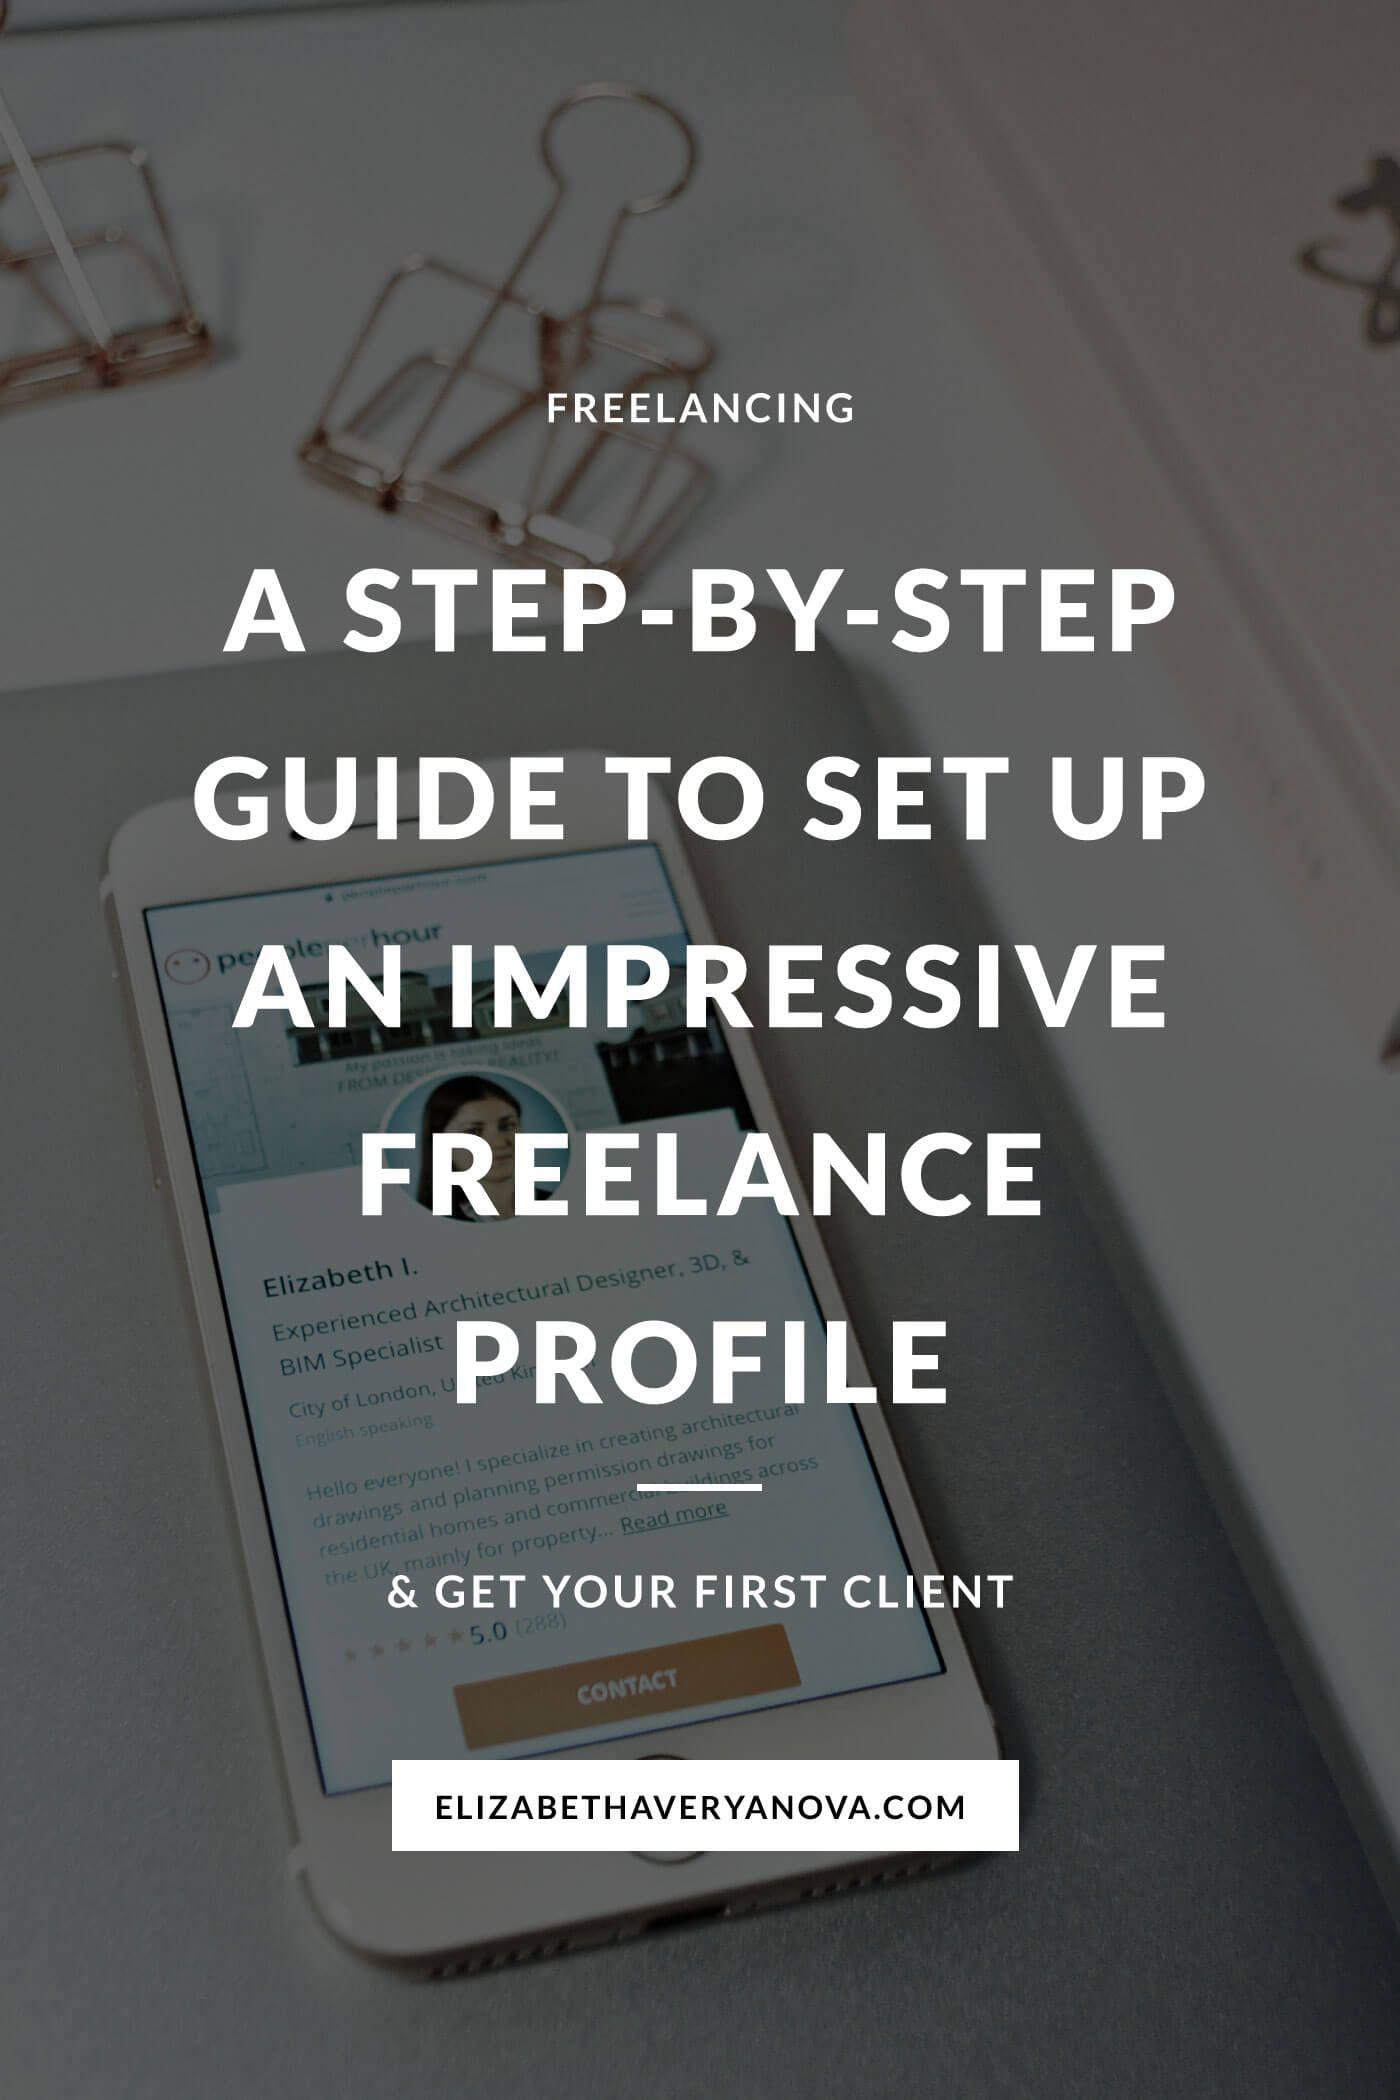 The Step By Step Guide To Set Up An Impressive Freelance Profile Elizabeth Averyanova Freelance Architect Graphic Design Resume Freelance